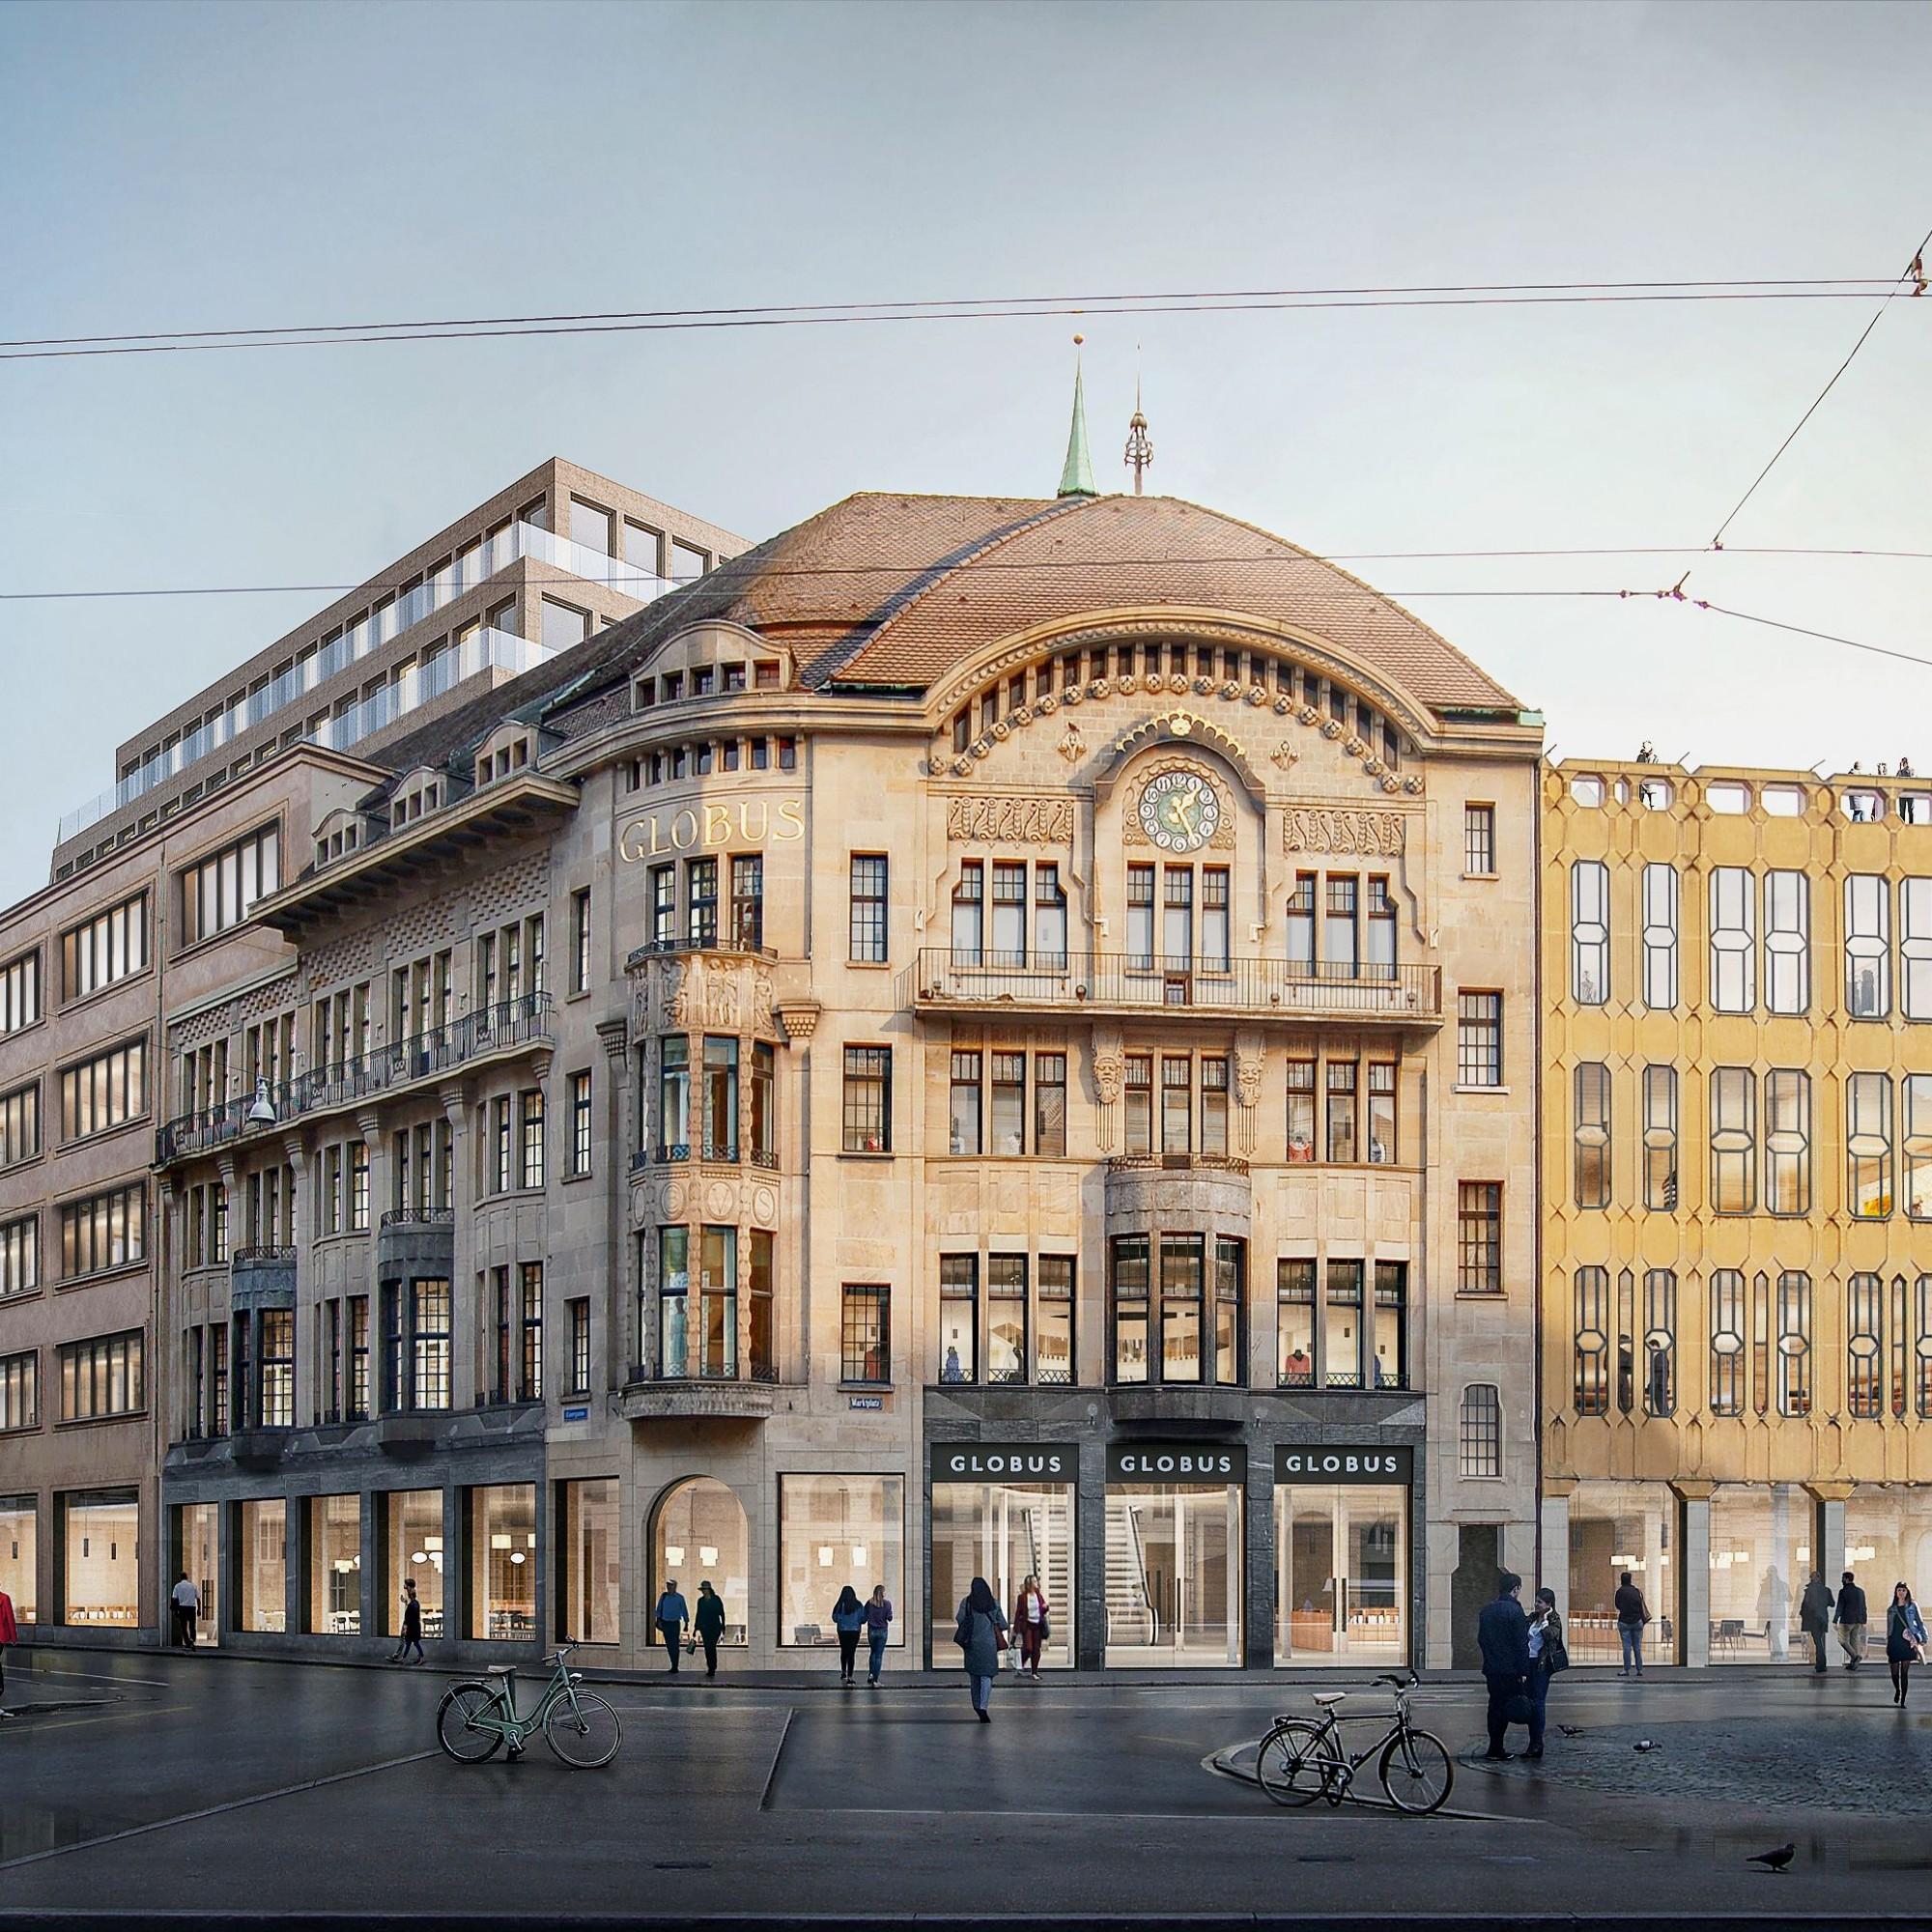 Denkmalgeschütztes Globus-Warenhaus Basel